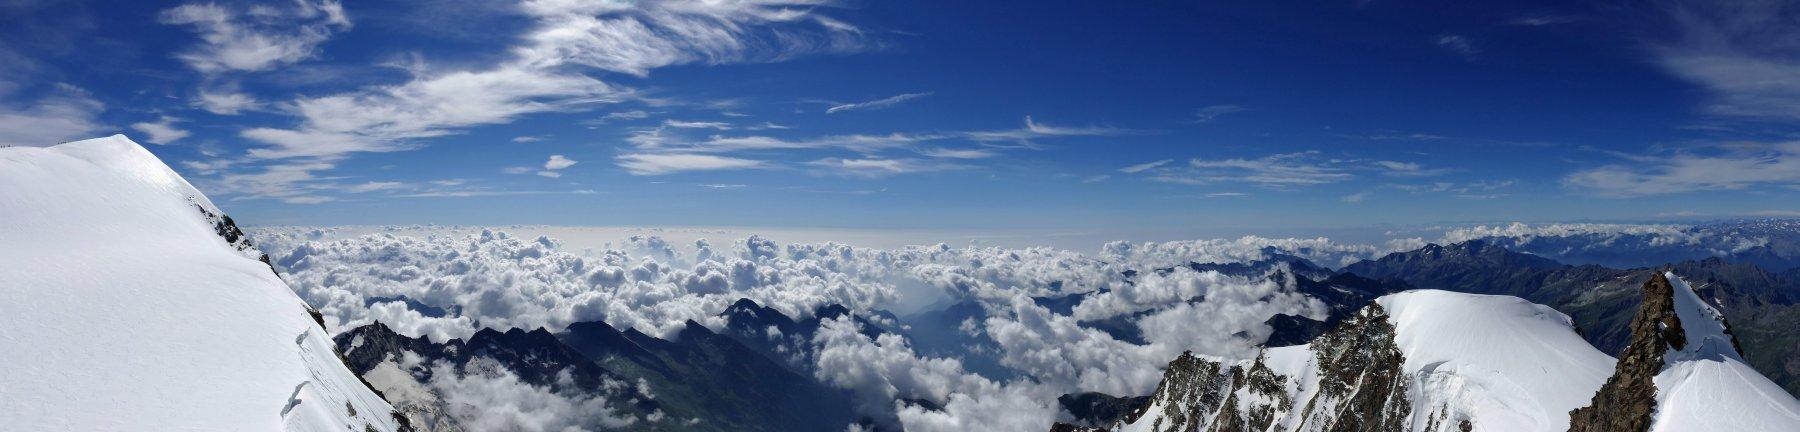 Panoramica dalla Ludwigshohe...vista che spazia dalla Parrot alla Giordani, in mezzo un mare di nubi